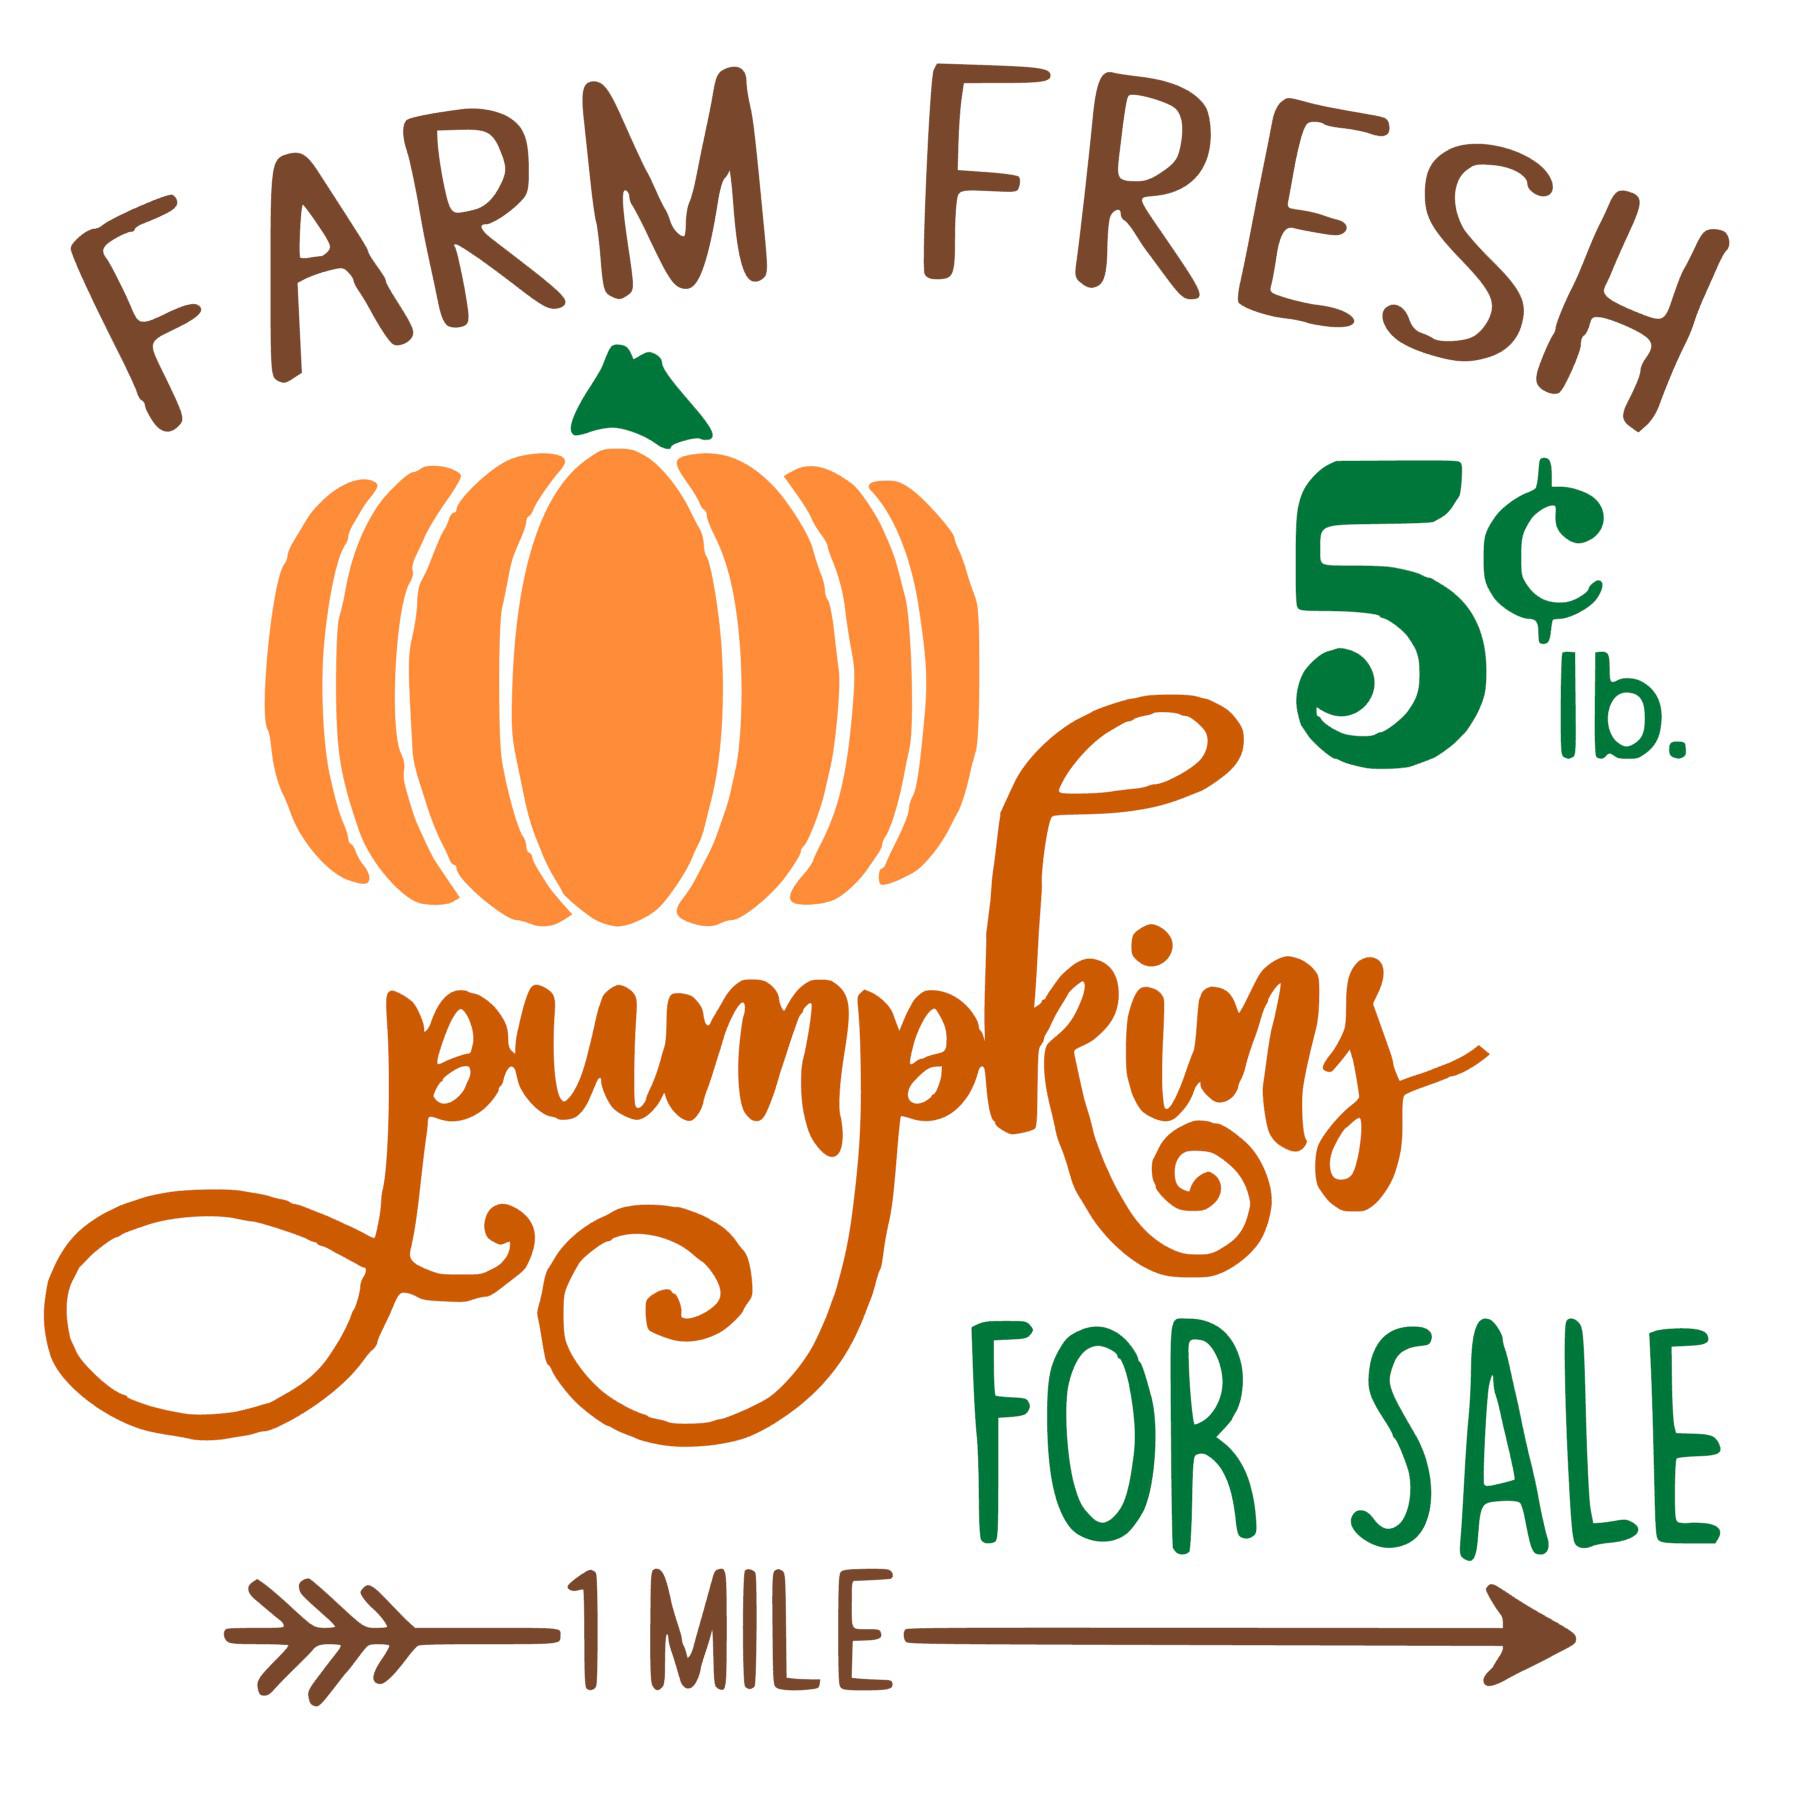 Download Free Vintage Pumpkin Sign file. jpg, png, studio3 svg ...